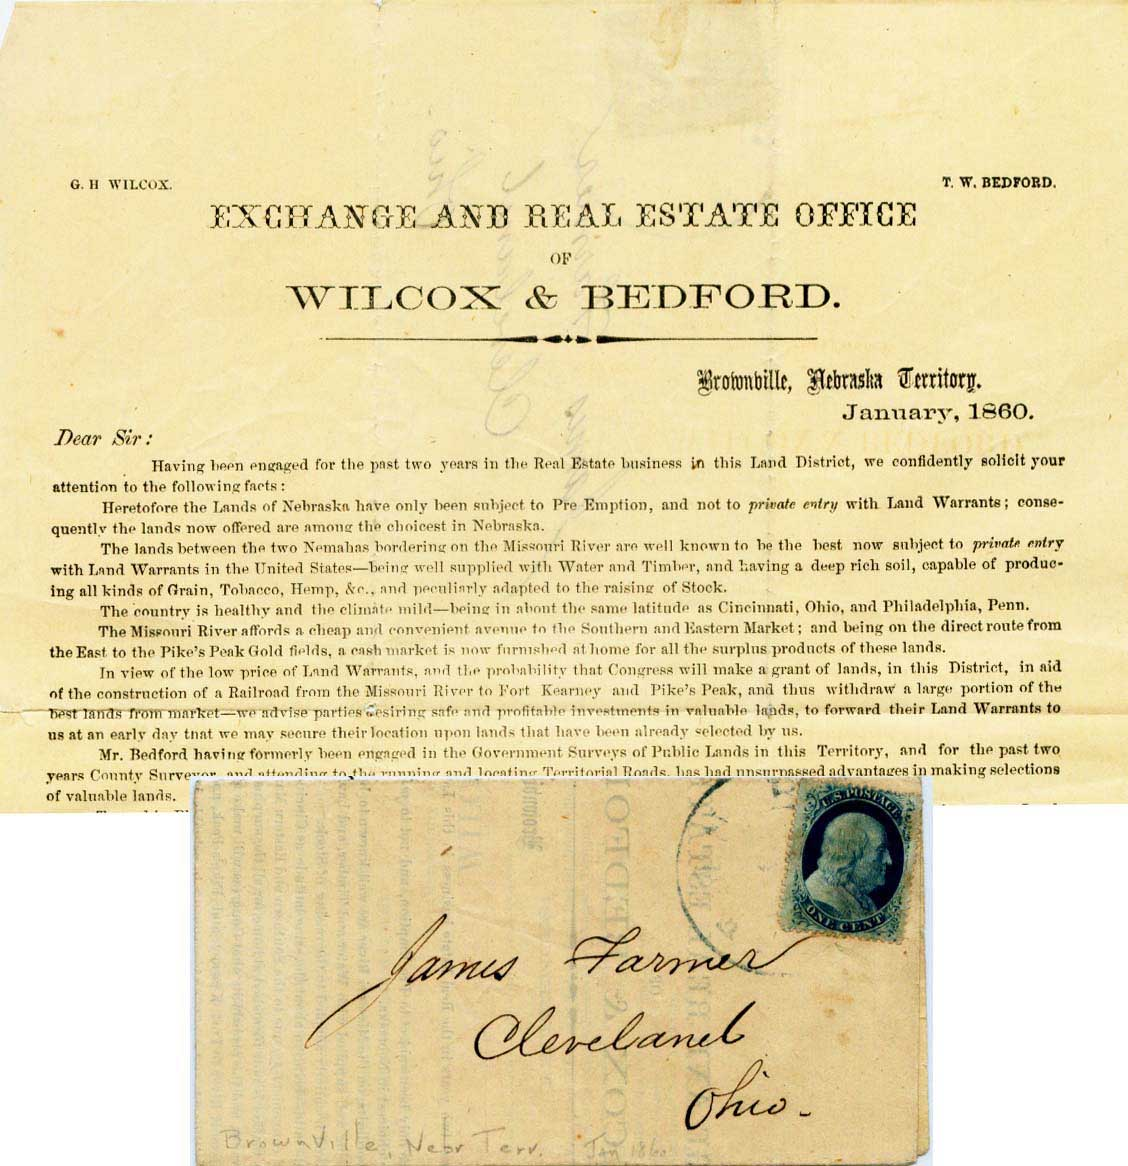 Brownville 1860 Xx Xx Circular